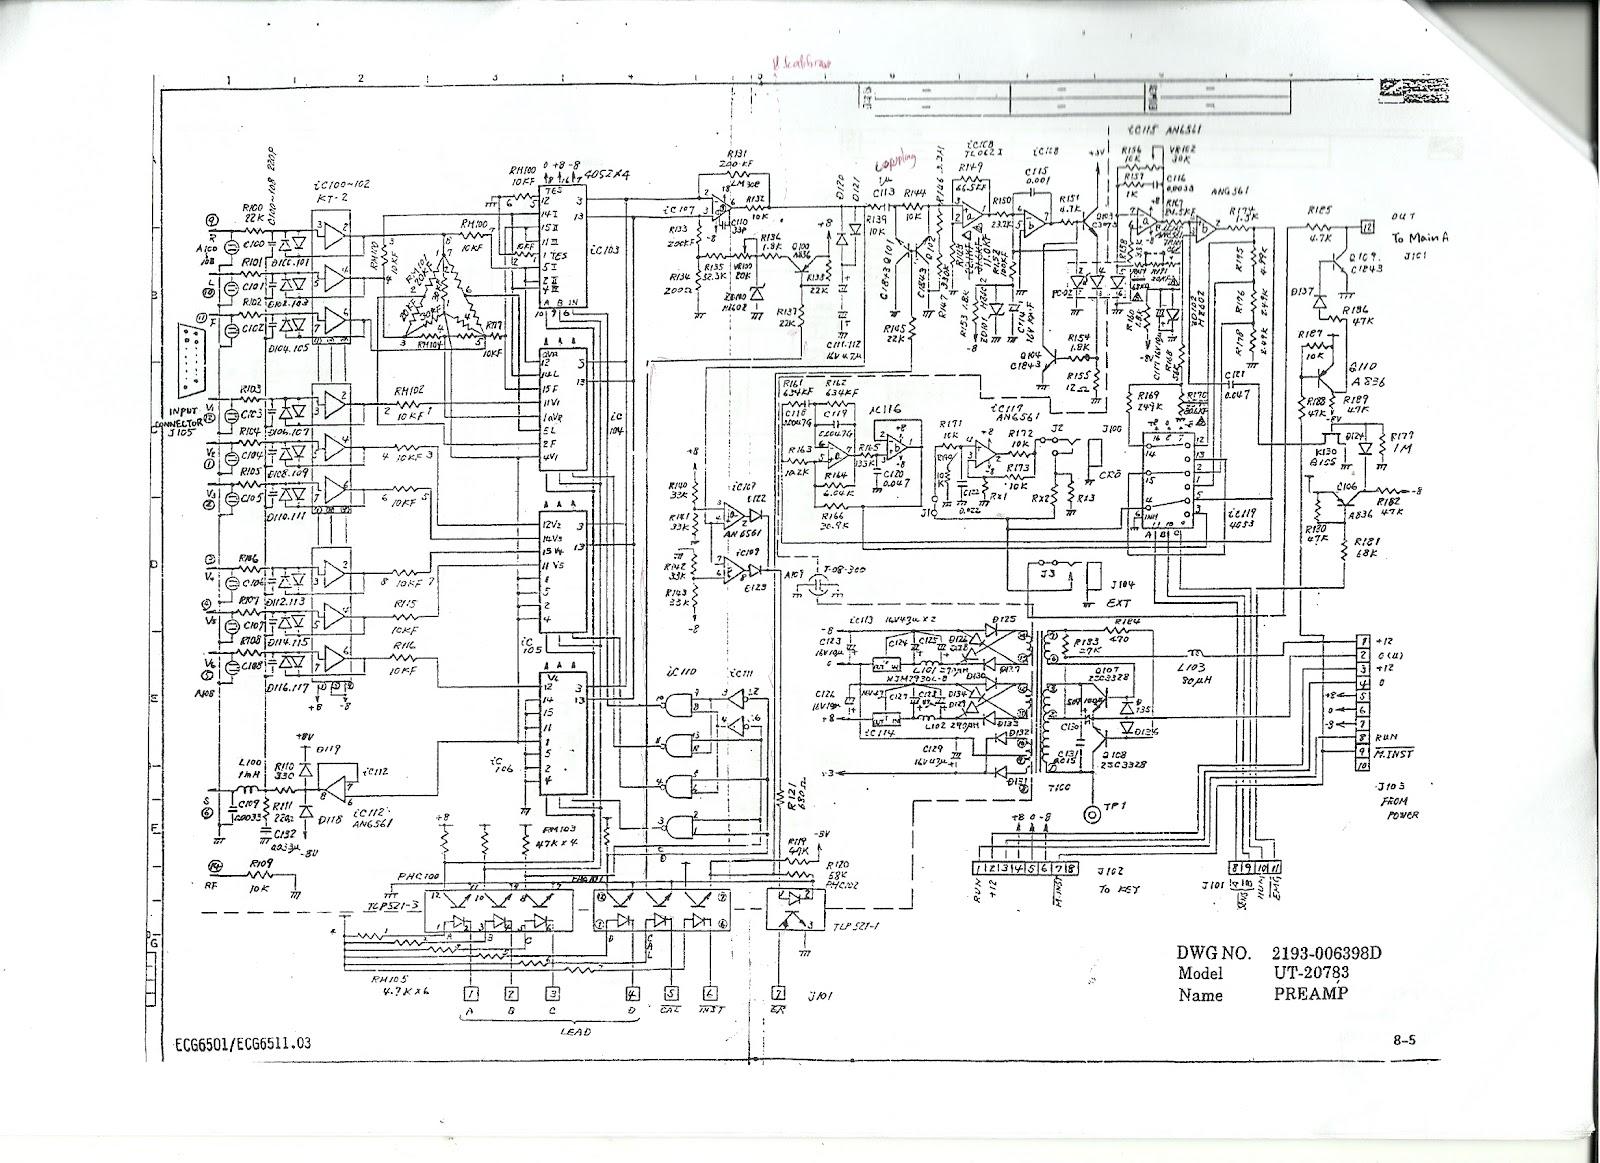 ekg wiring diagram guide about wiring diagram wiring diagram engine 99 taurus wiring diagram ecg [ 1600 x 1163 Pixel ]